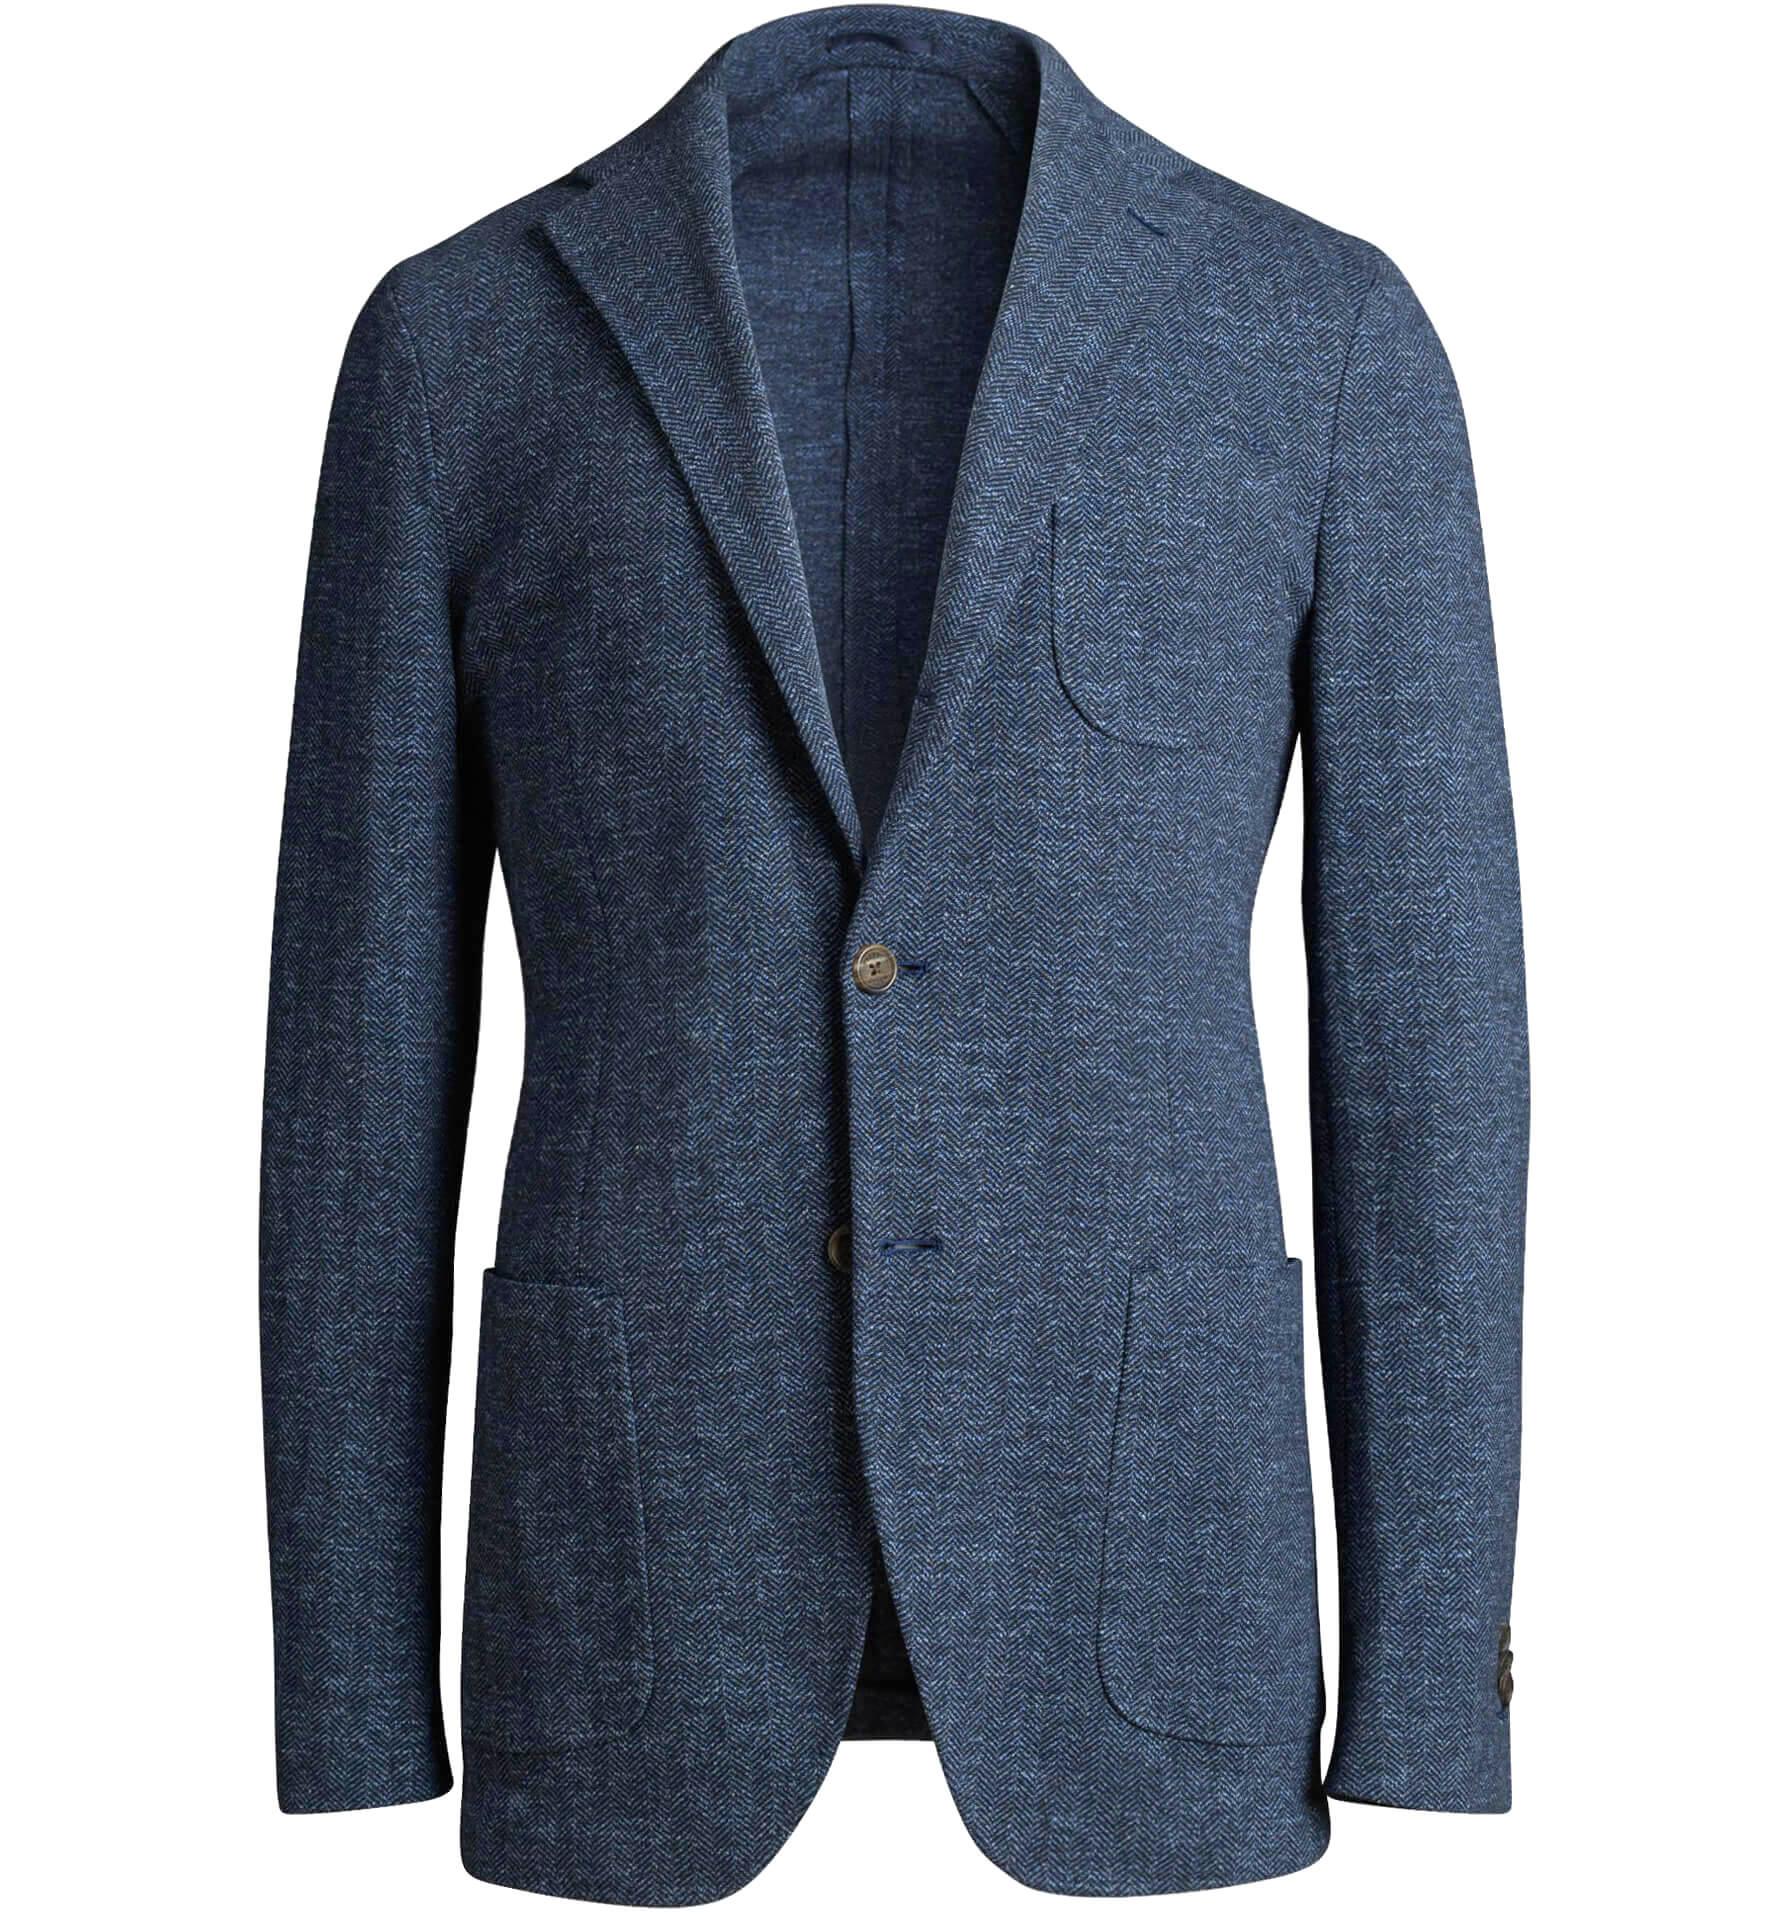 Zoom Image of Waverly Slate Herringbone Knit Jacket